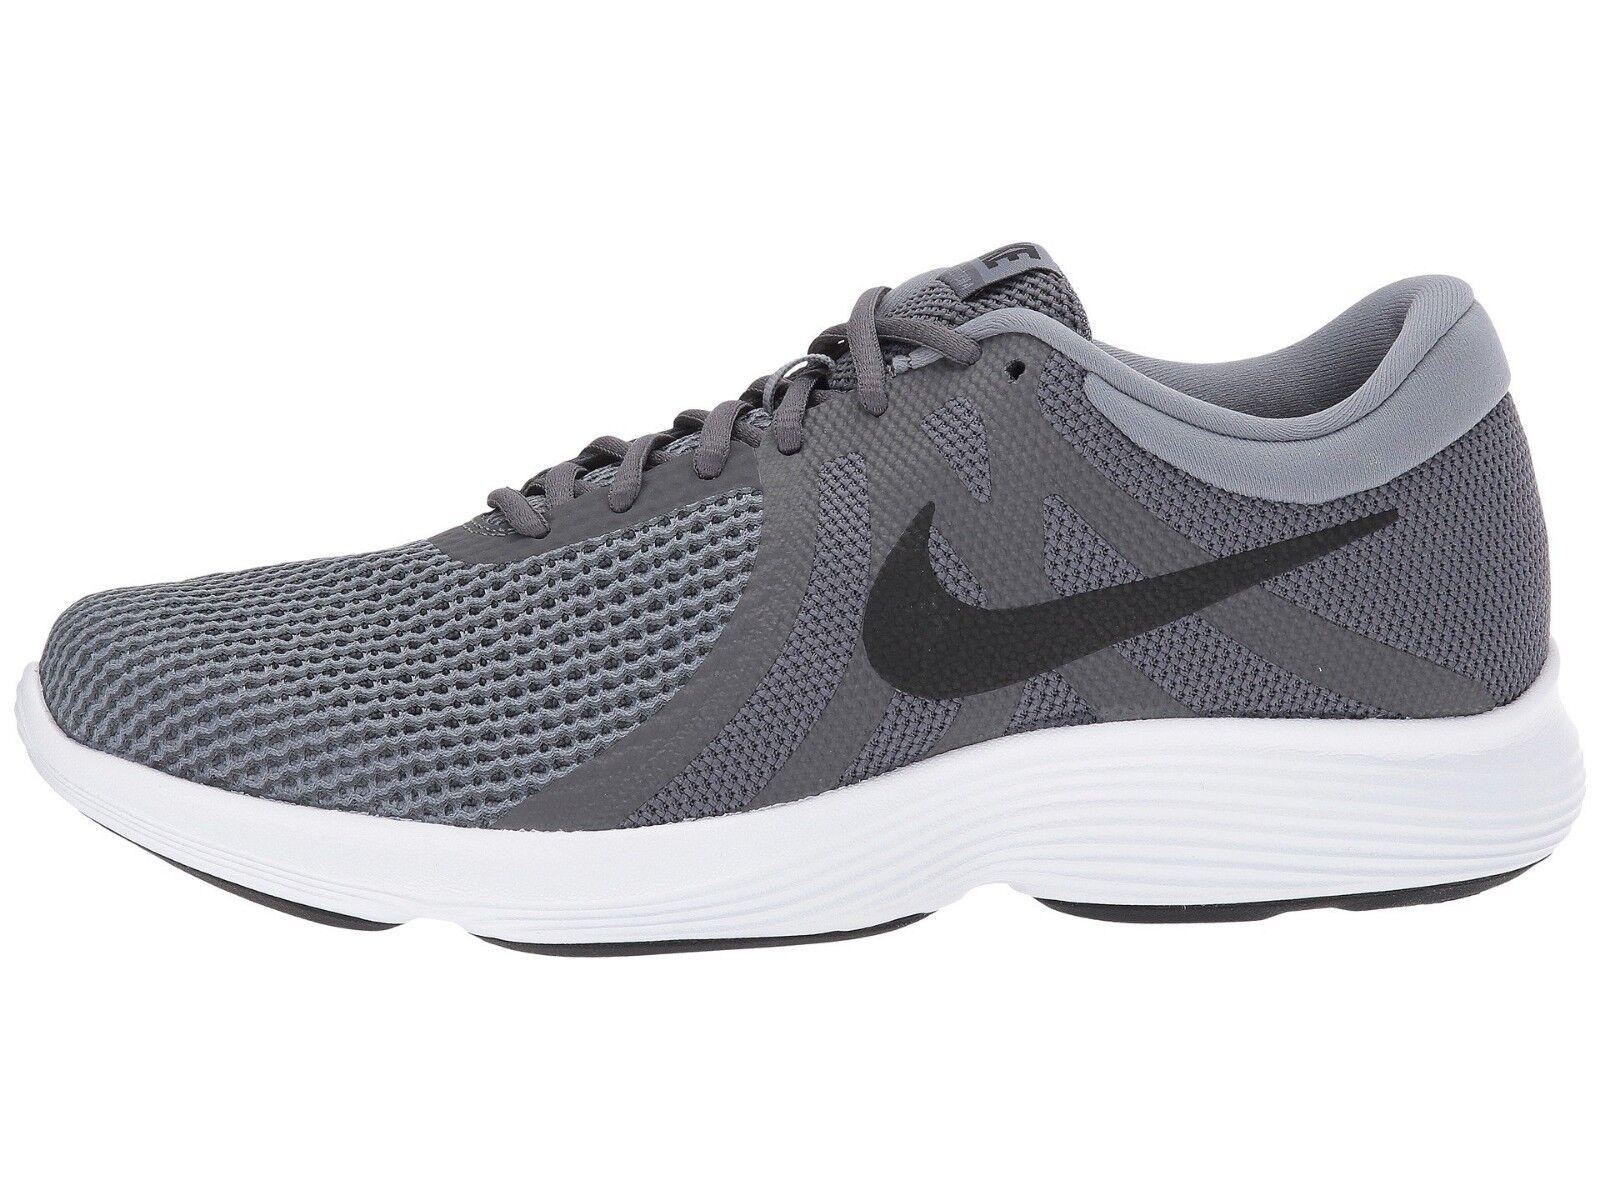 Nike uomini 'rivoluzione 4 (4e), scarpe da corsa aa7402 010 grigio scuro / nero